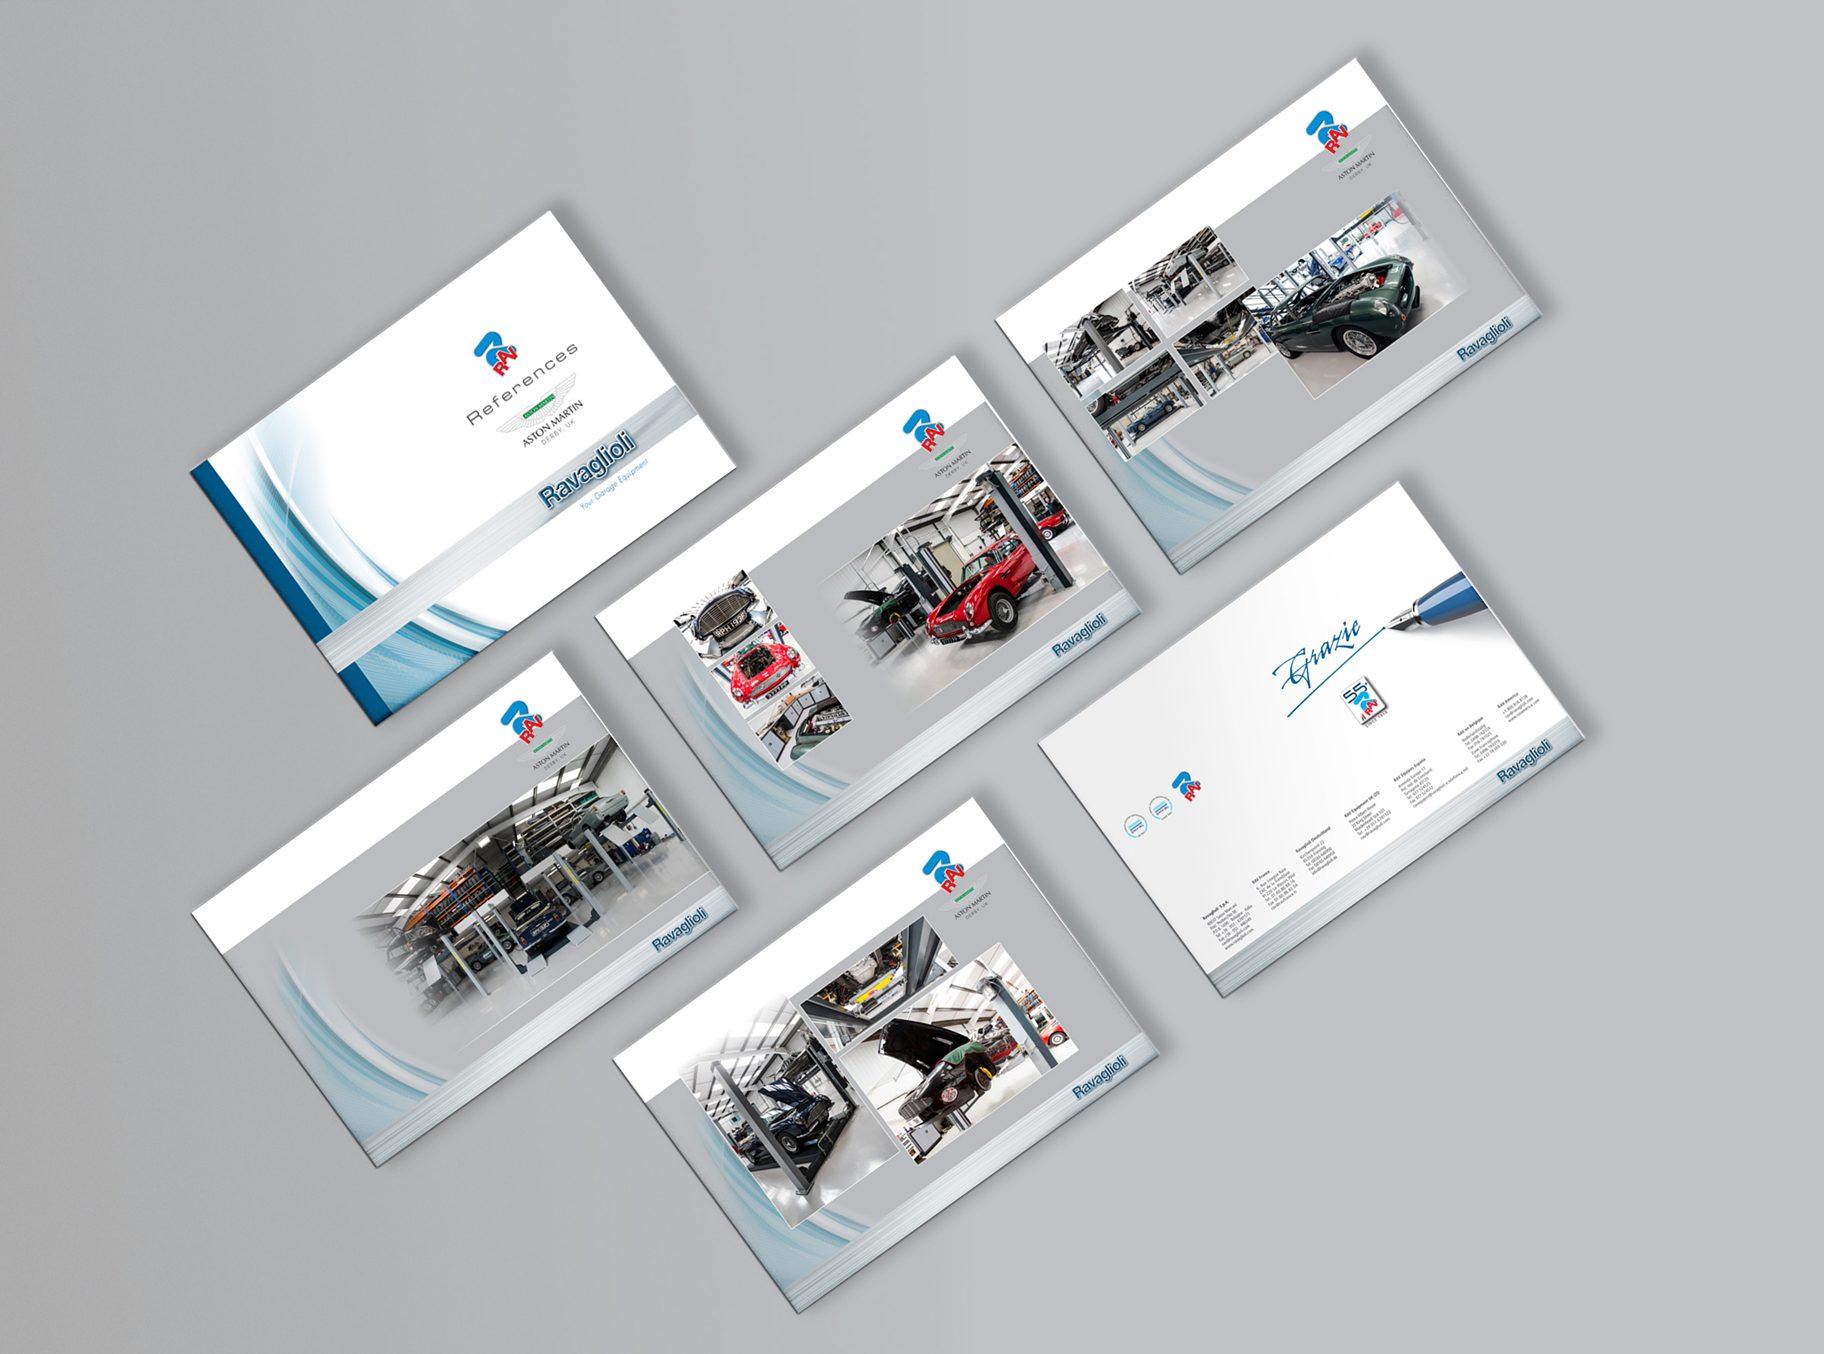 Ravaglioli-approvals-references-brochure